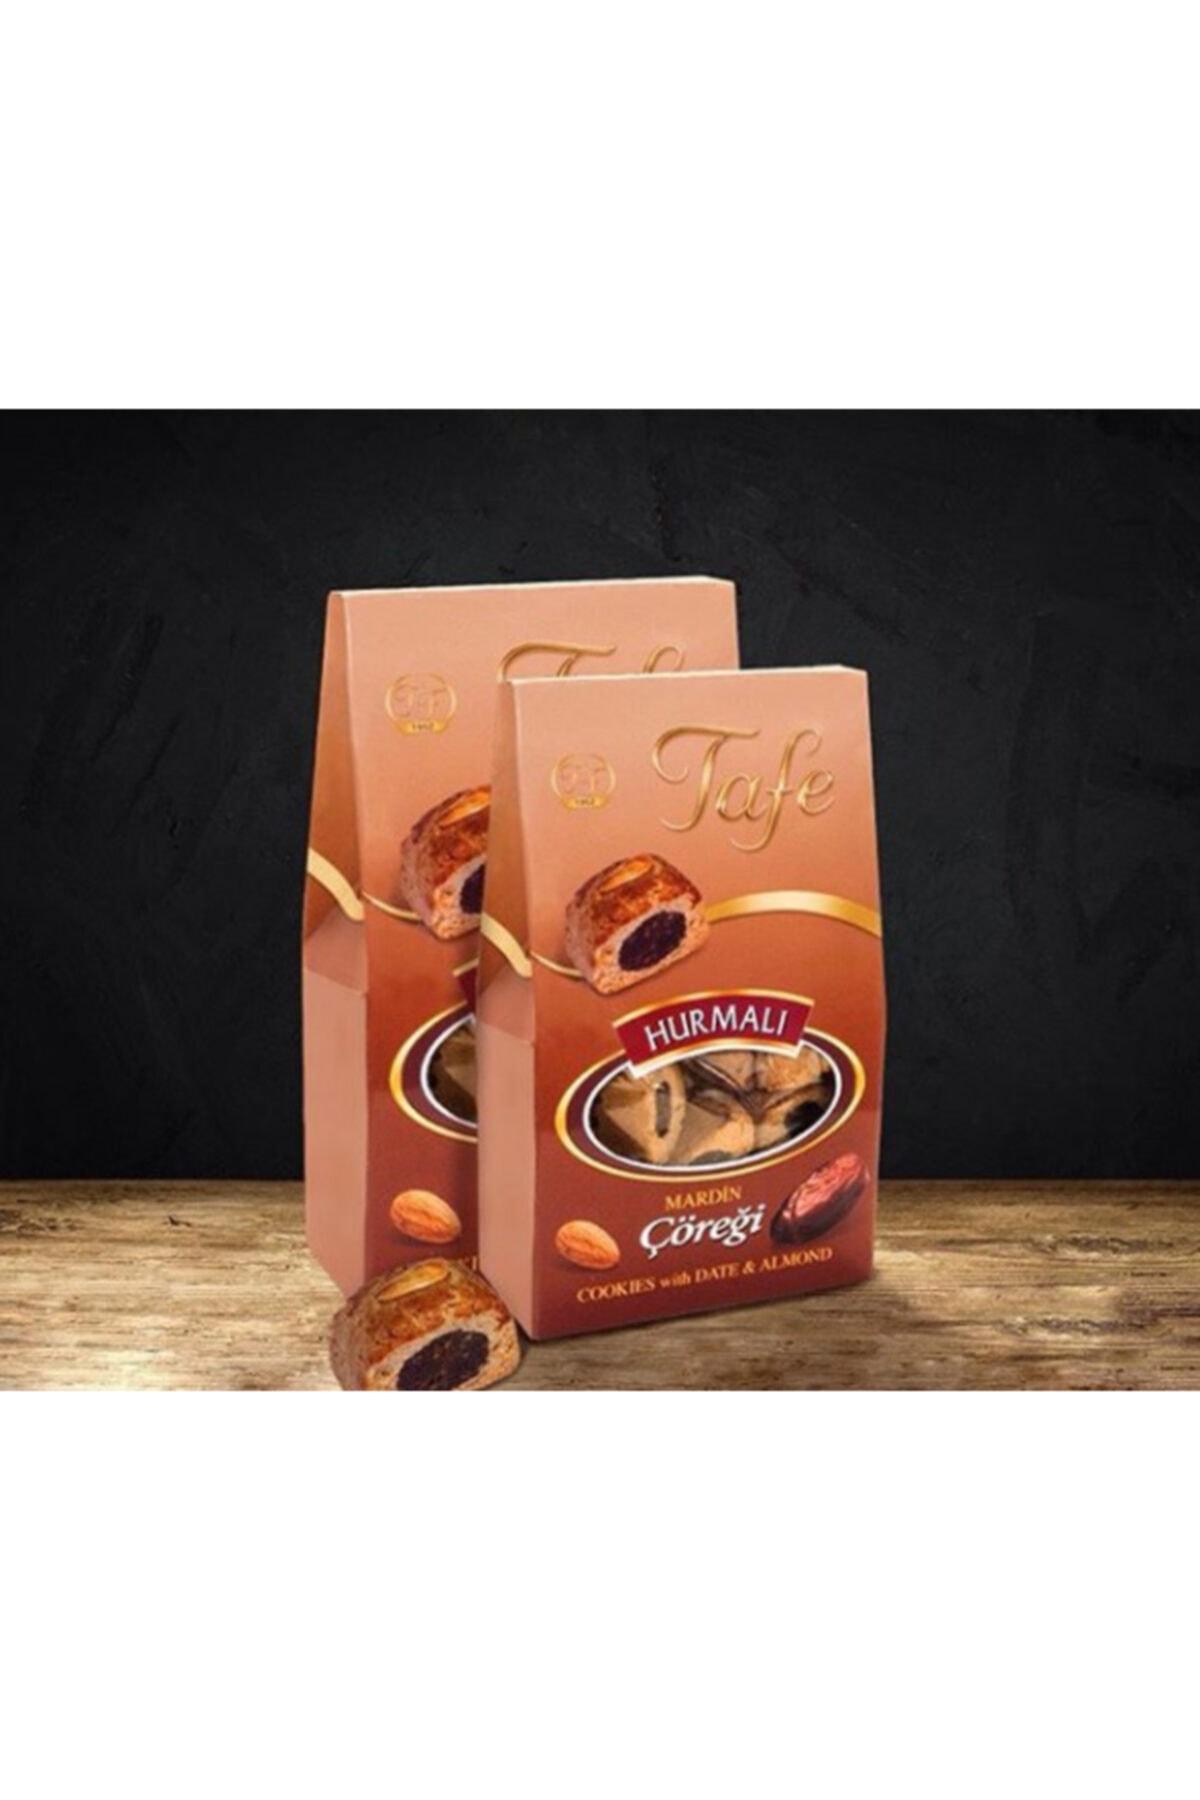 TAFE Hurmalı Mardin Çöreği 300g 2